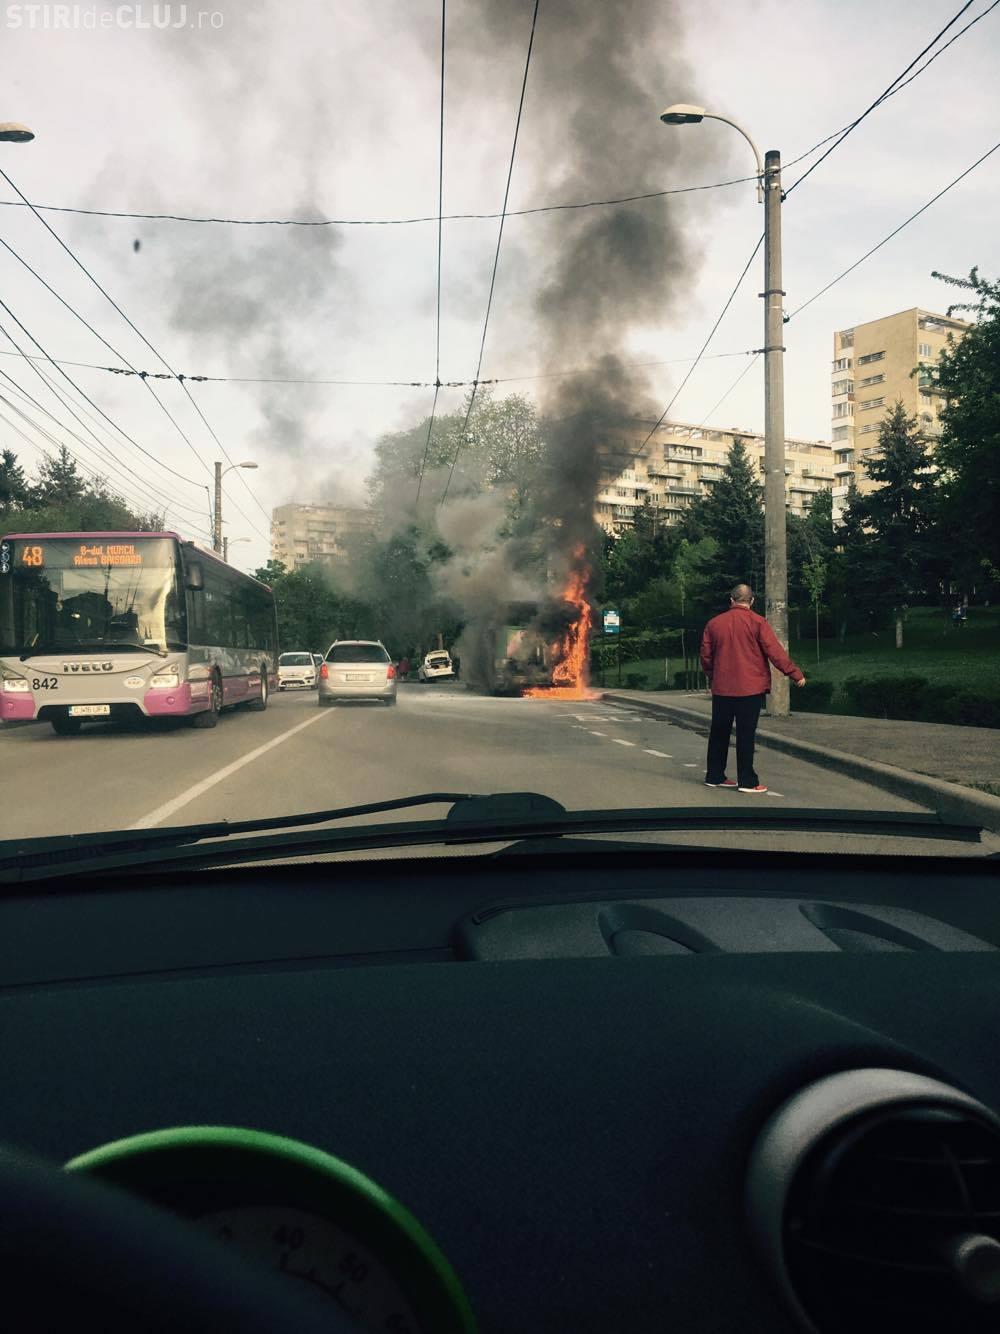 Un autobuz a izbucnit în flăcări în cartierul Gheorgheni! Șoferul a reacționat rapid VIDEO